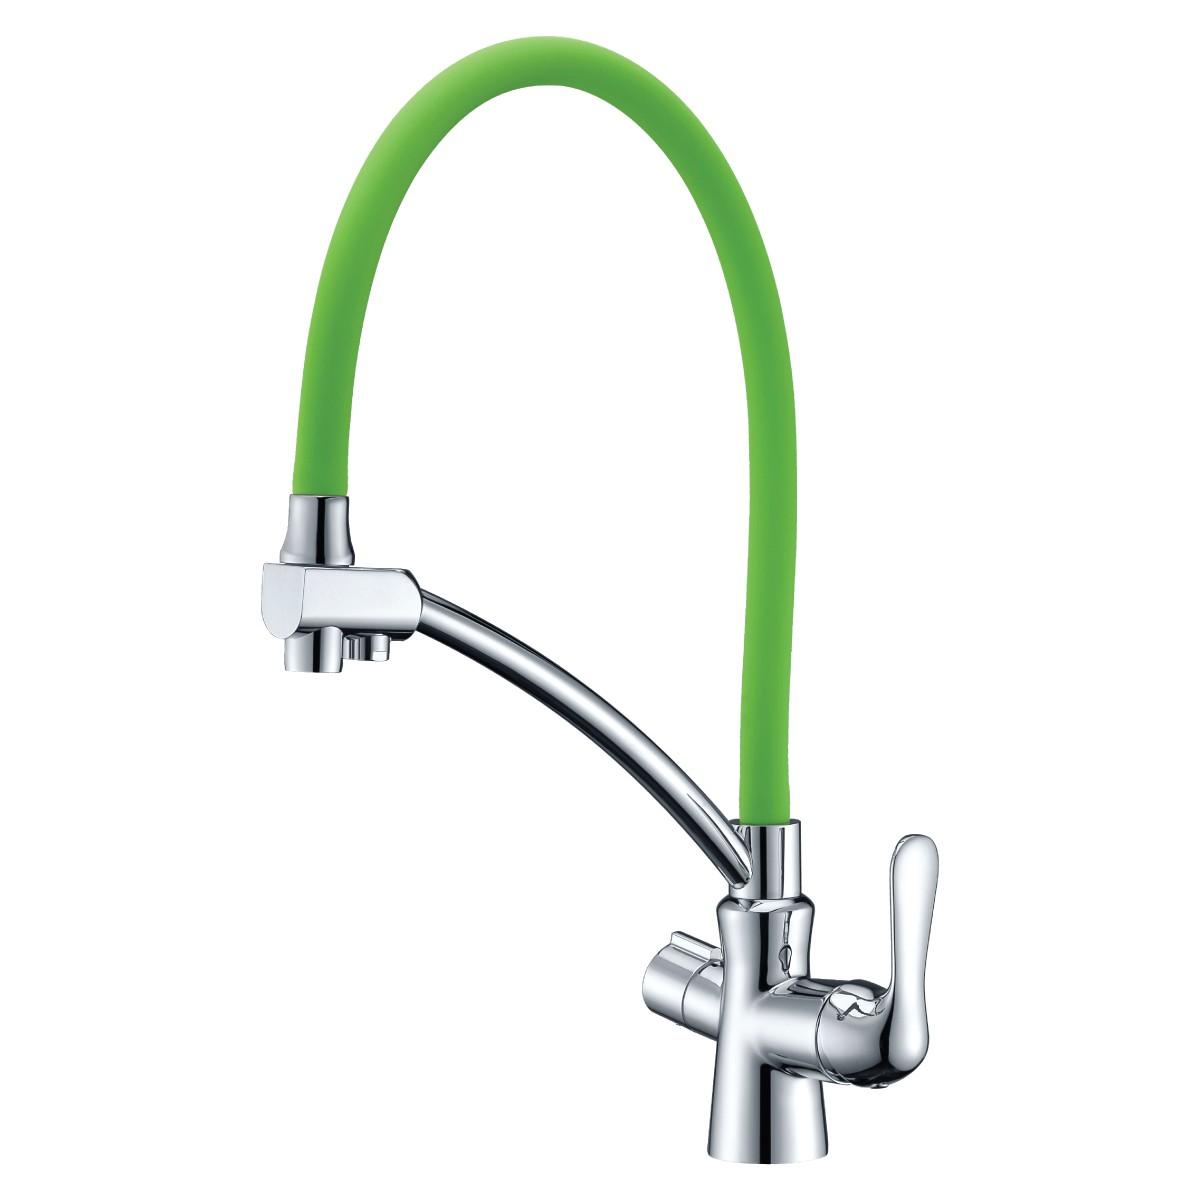 Смеситель для кухни Lemark Comfort с зеленым гибким изливом